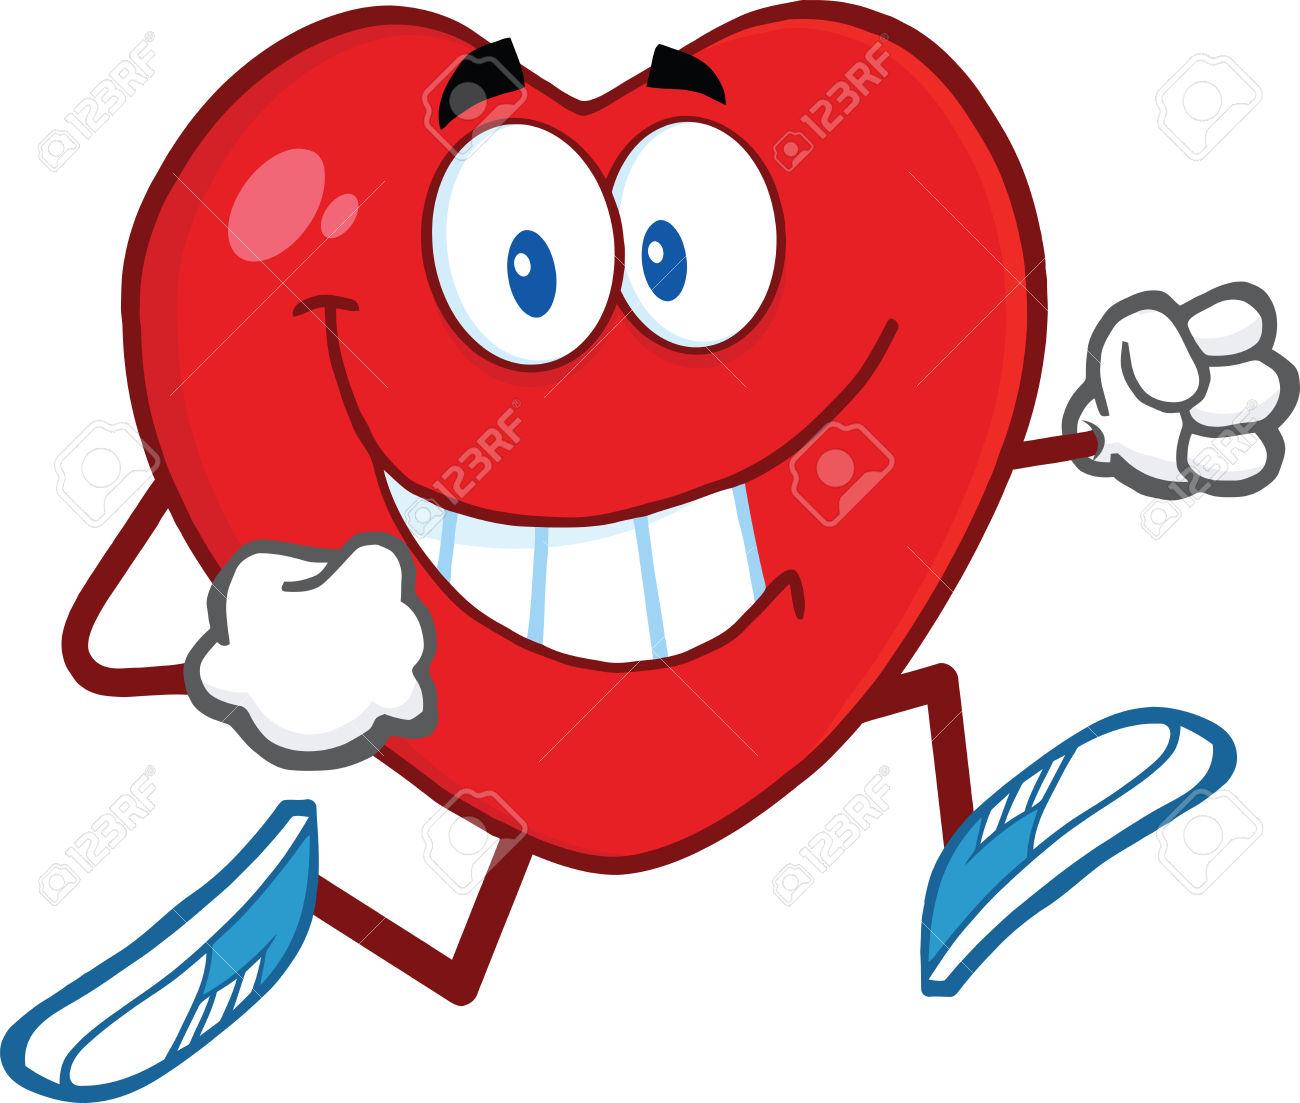 Heart clip art cartoon